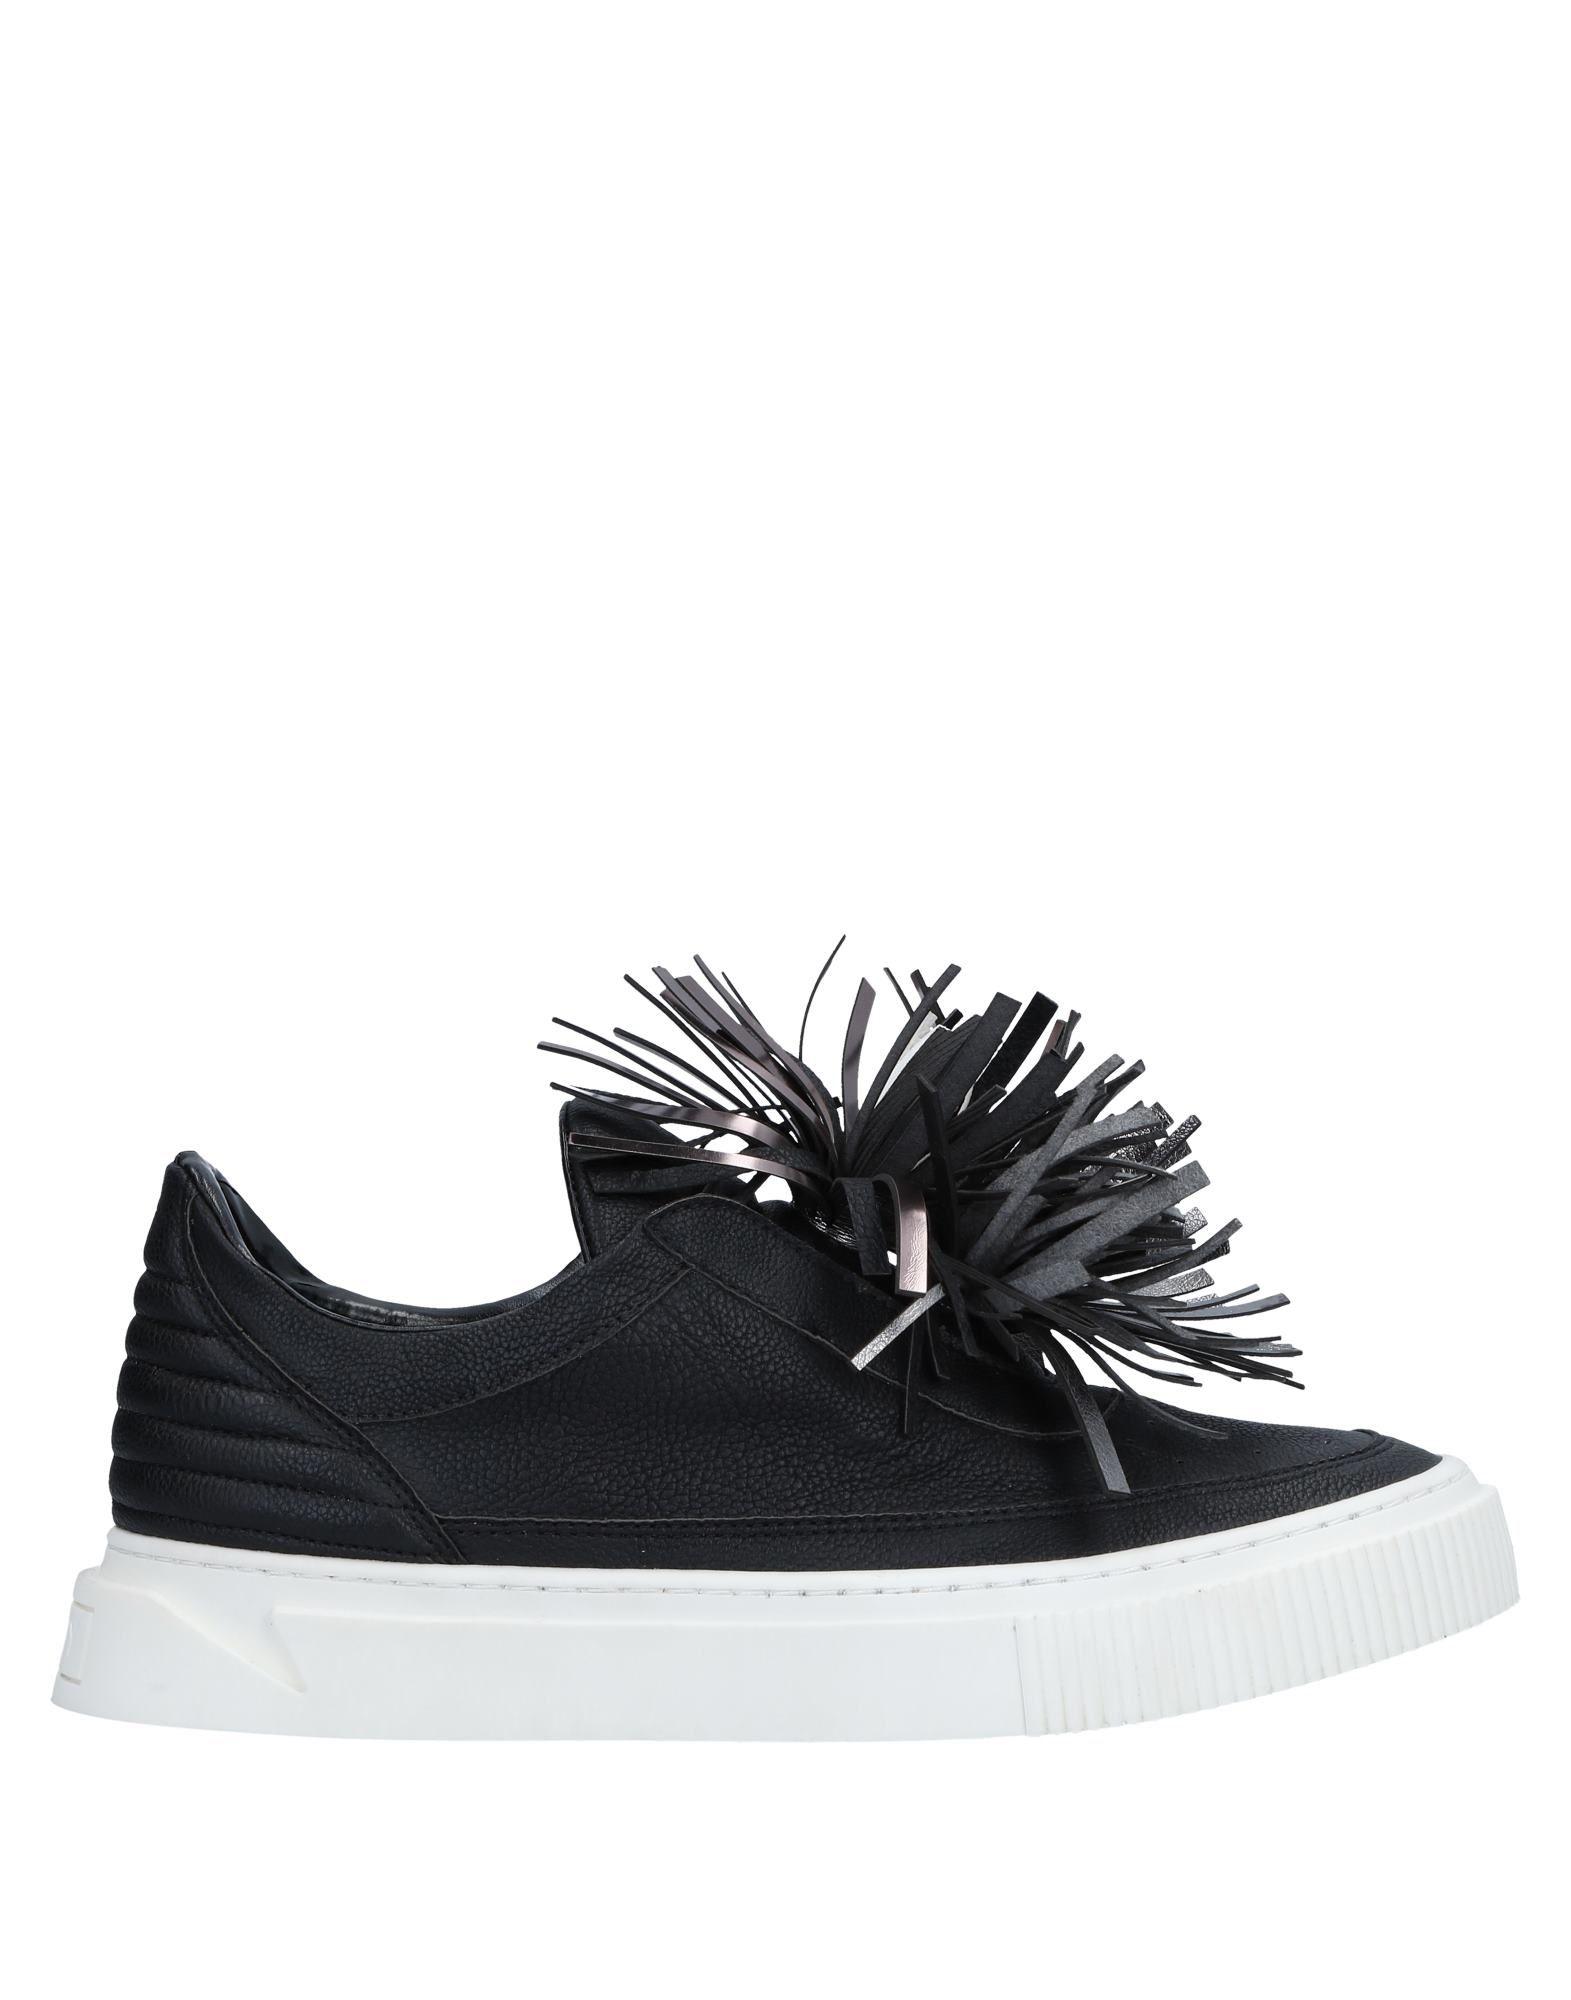 MY GREY Низкие кеды и кроссовки кеды кроссовки низкие dekline derby adams black grey